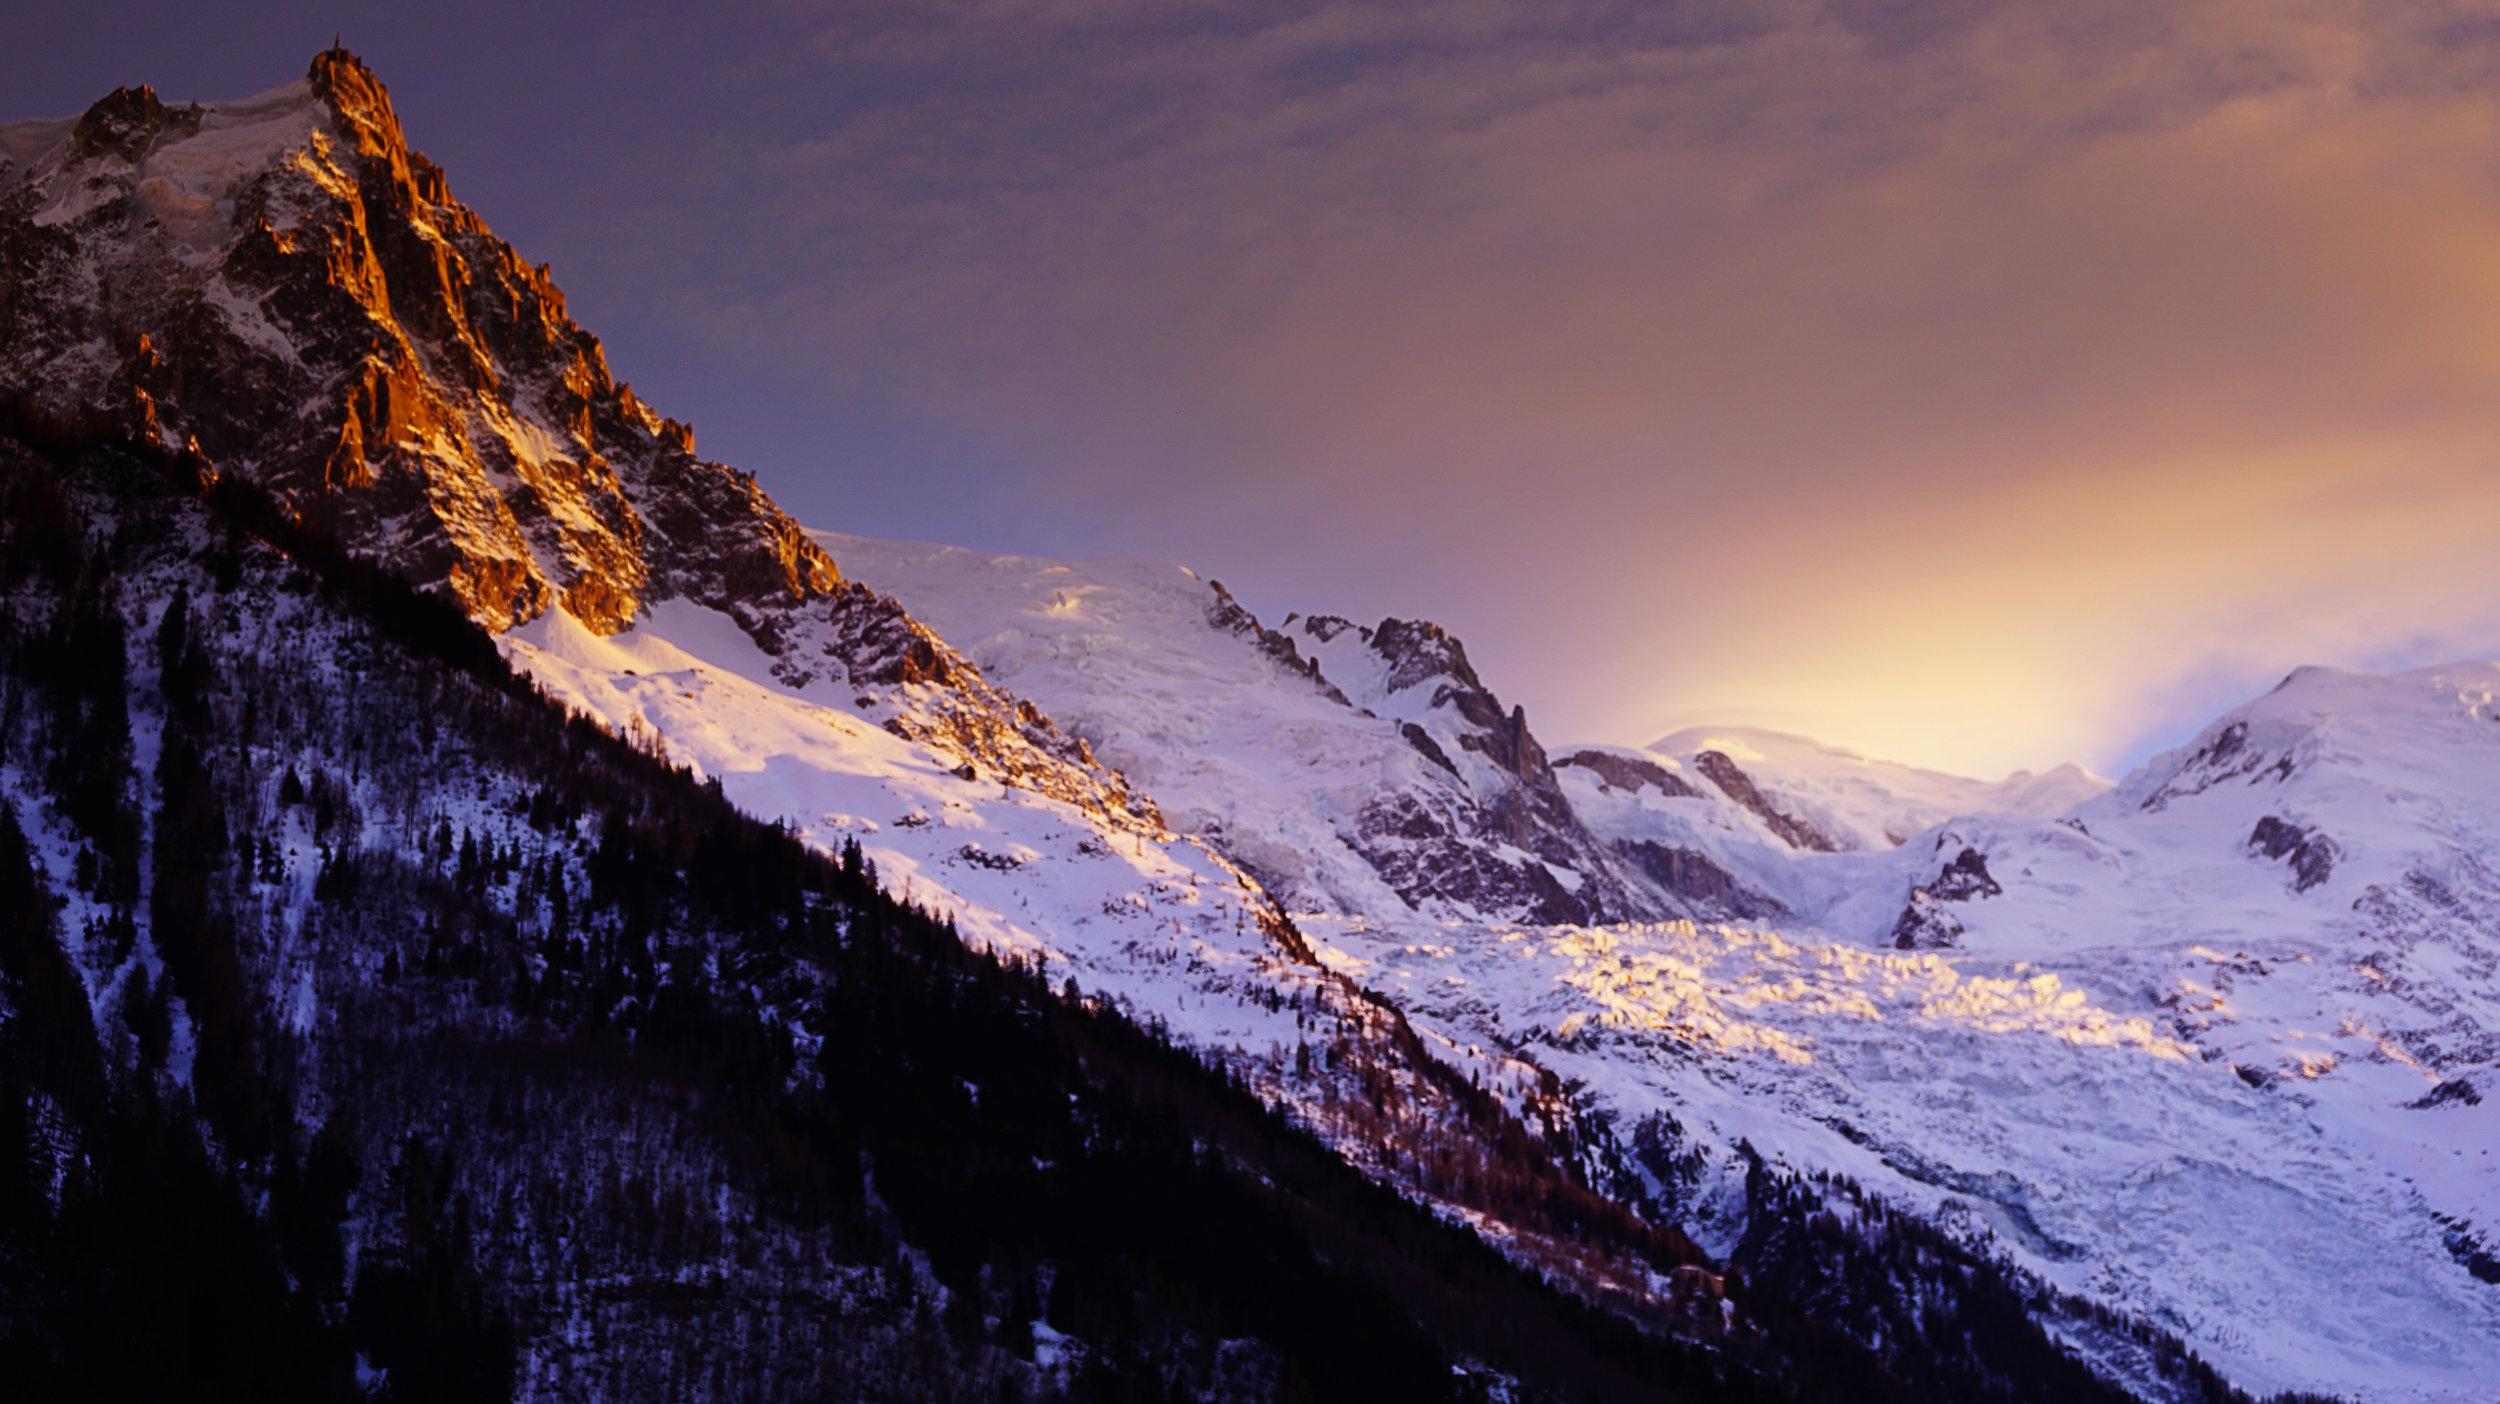 Aiguille du Midi at sunset.